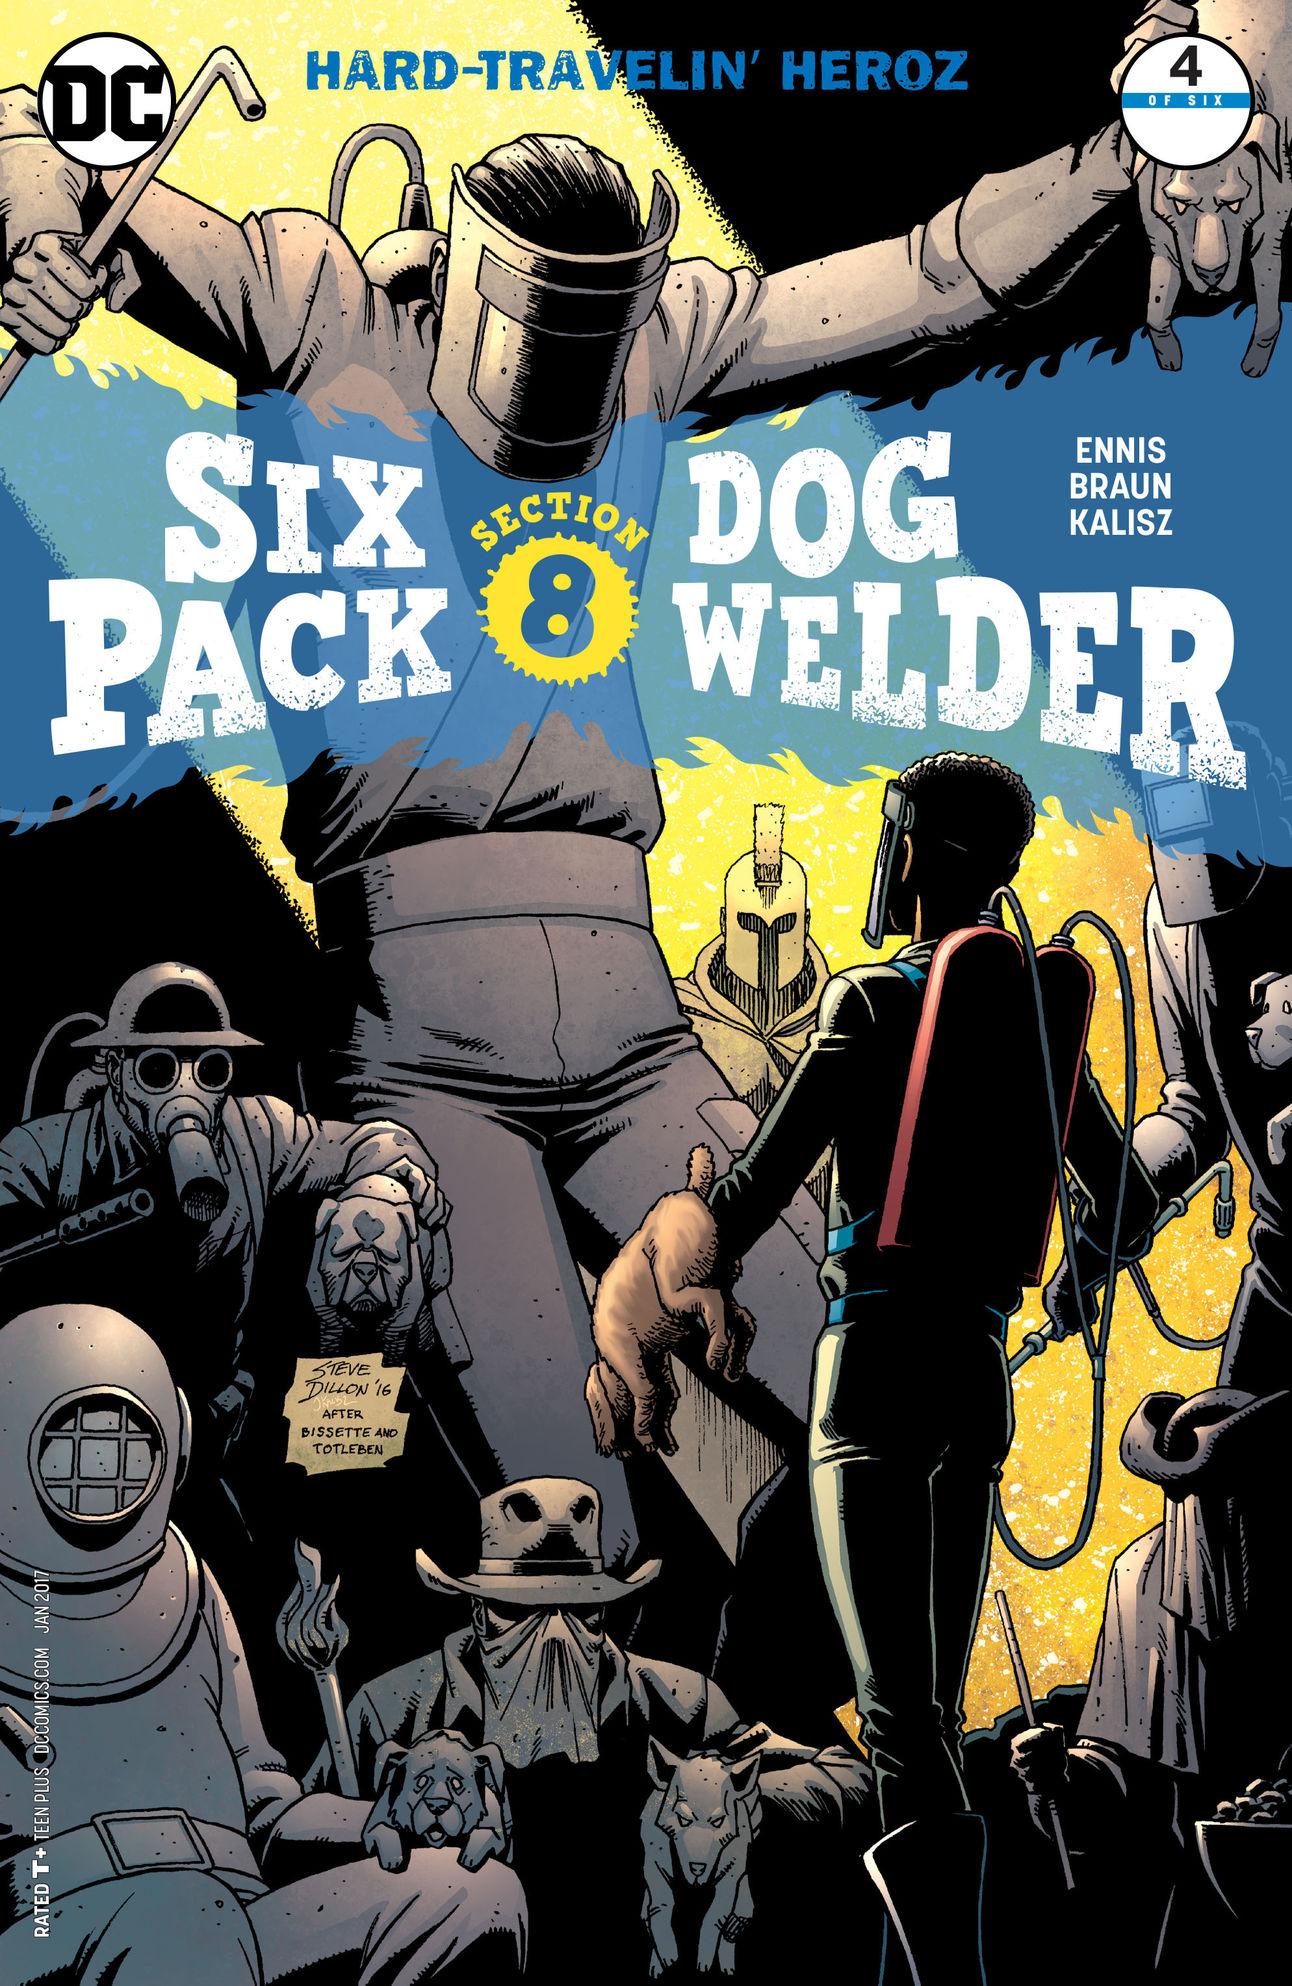 Sixpack_and_Dogwelder.jpg